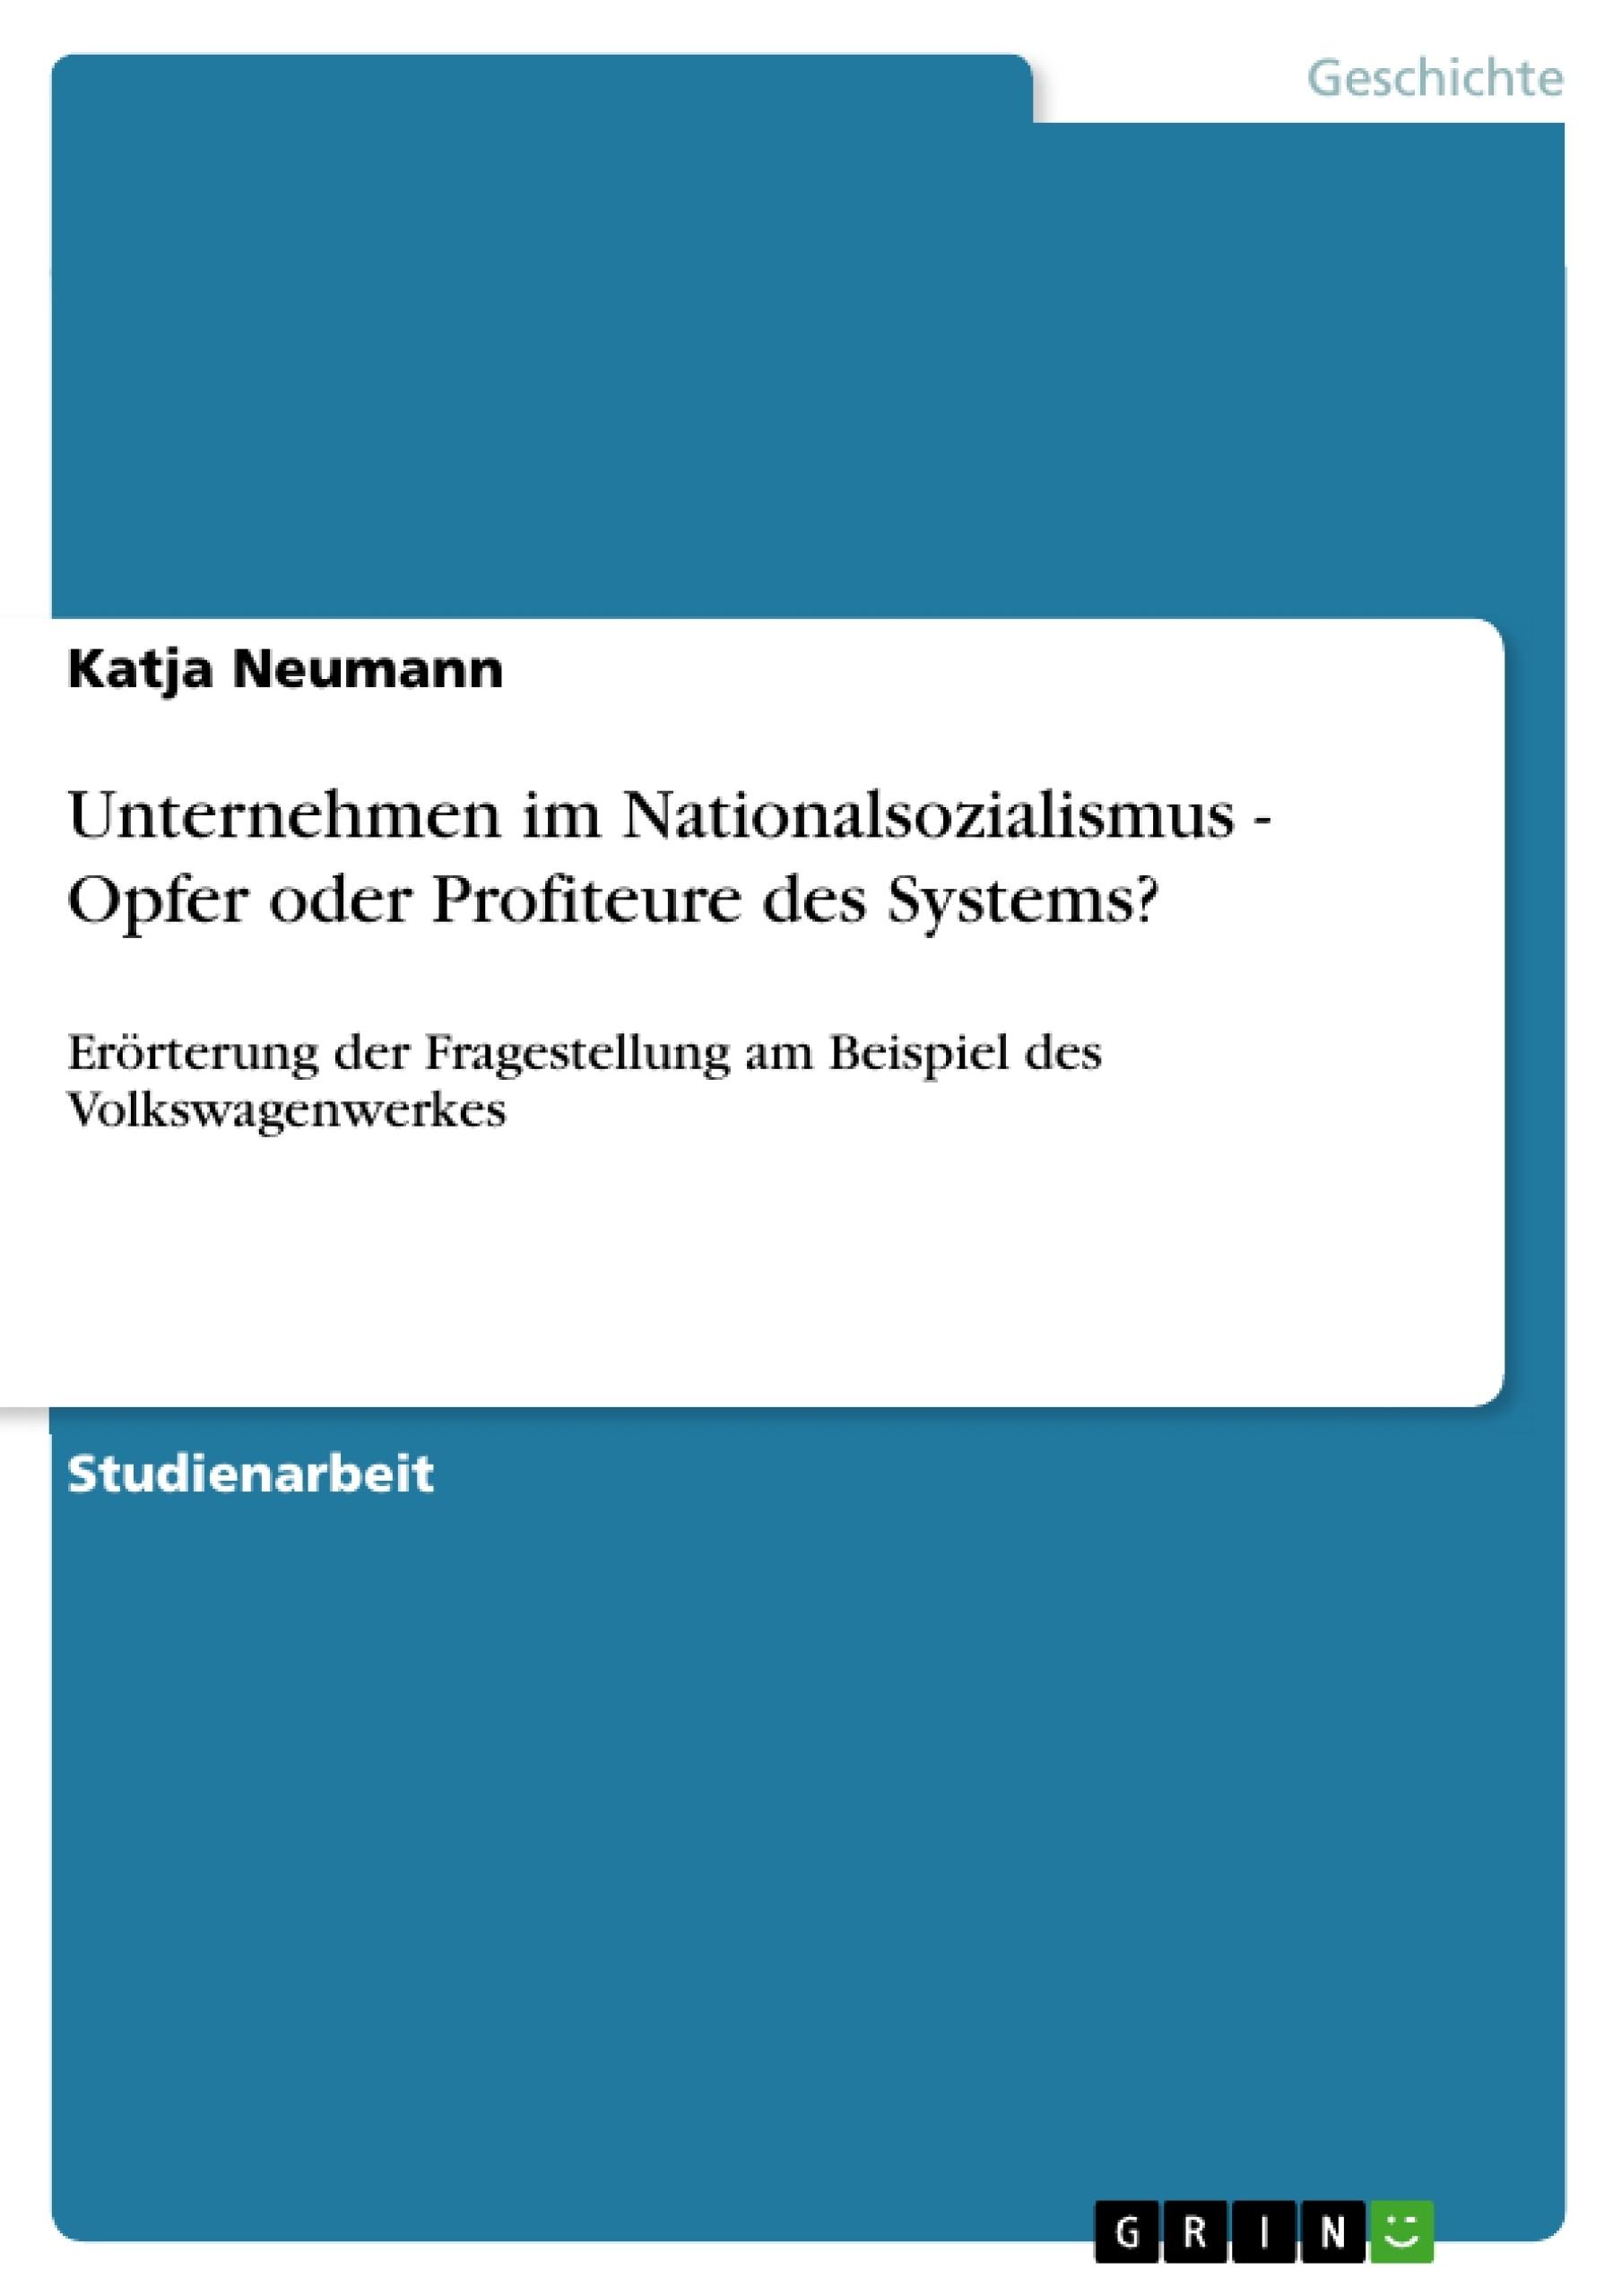 Titel: Unternehmen im Nationalsozialismus - Opfer oder Profiteure des Systems?